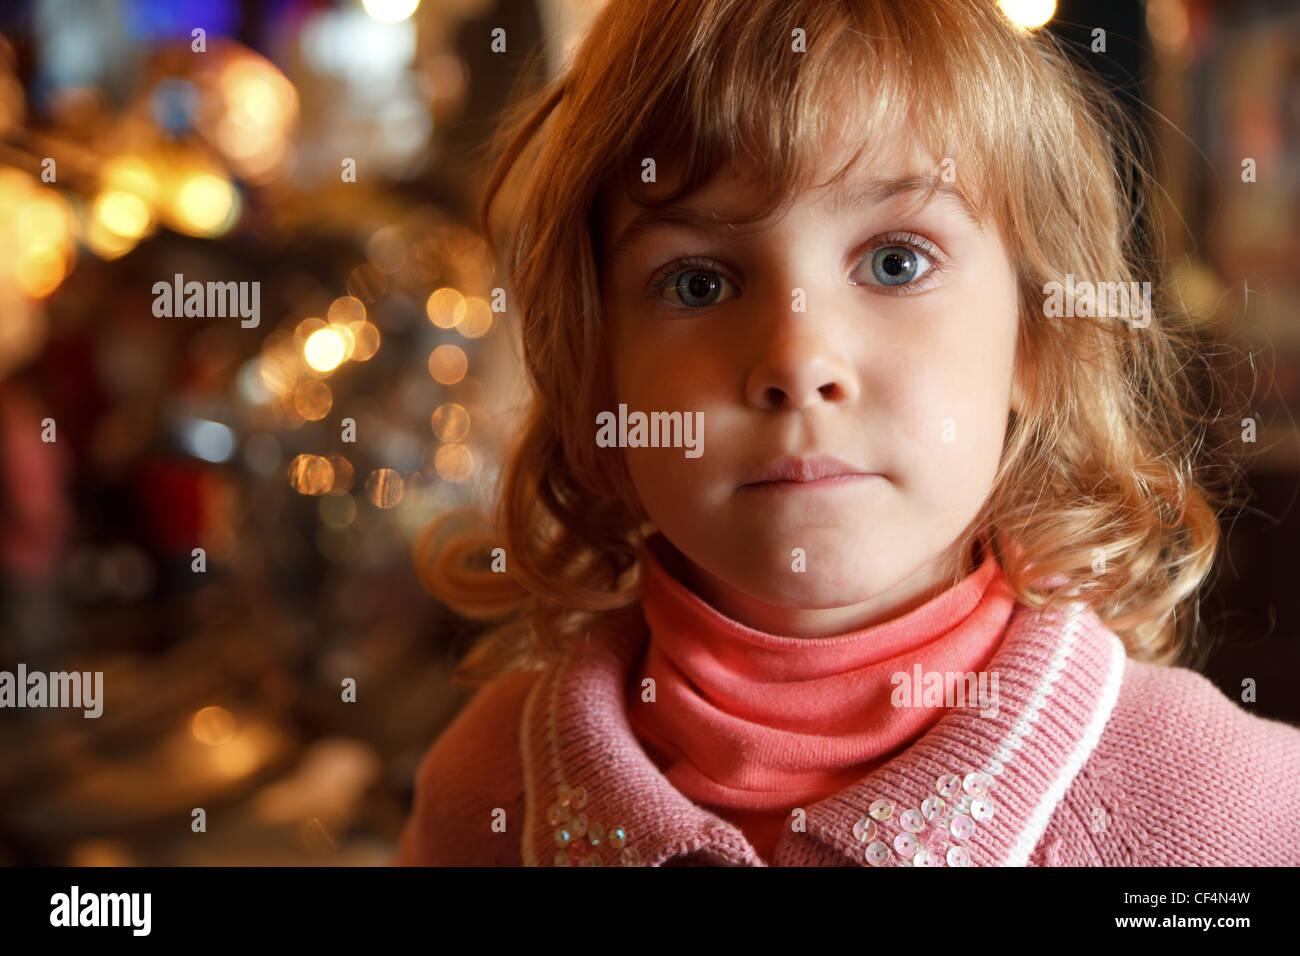 Ritratto di piccolo affascinante ragazza in luci di sfondo. Close-up. In ambienti chiusi. Immagini Stock